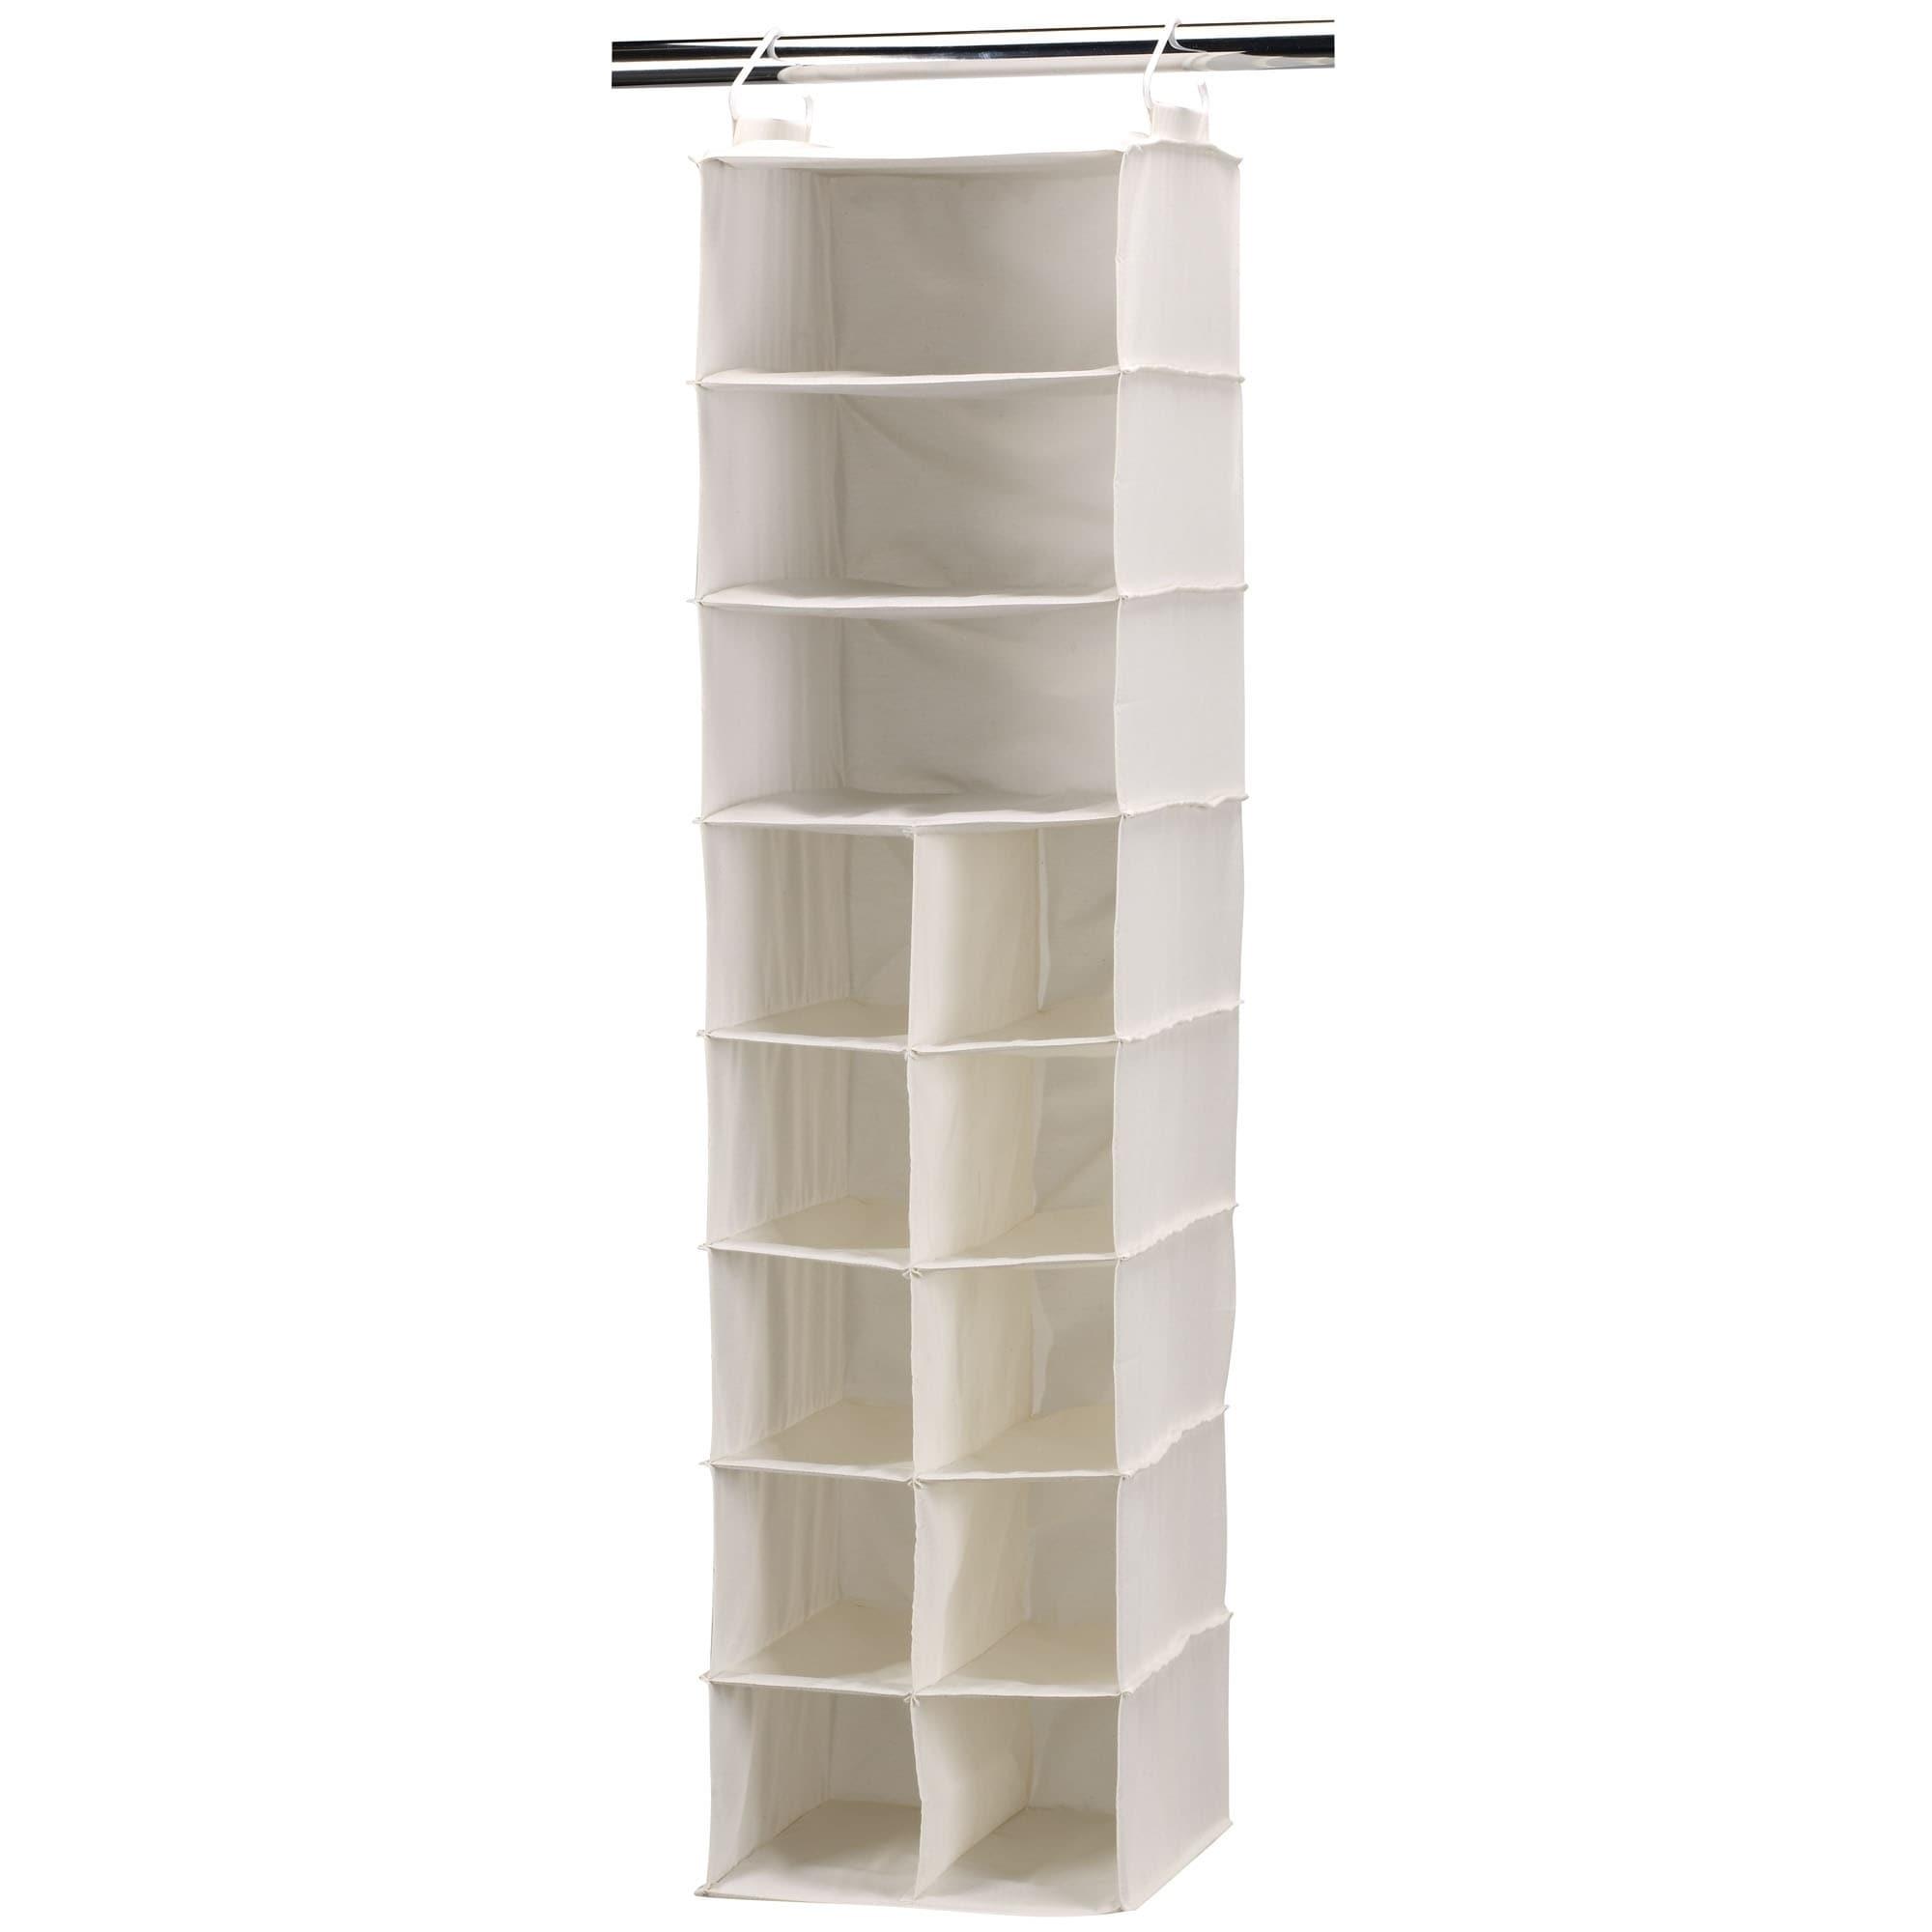 Pocket Hanging Shoe Storage Organizer